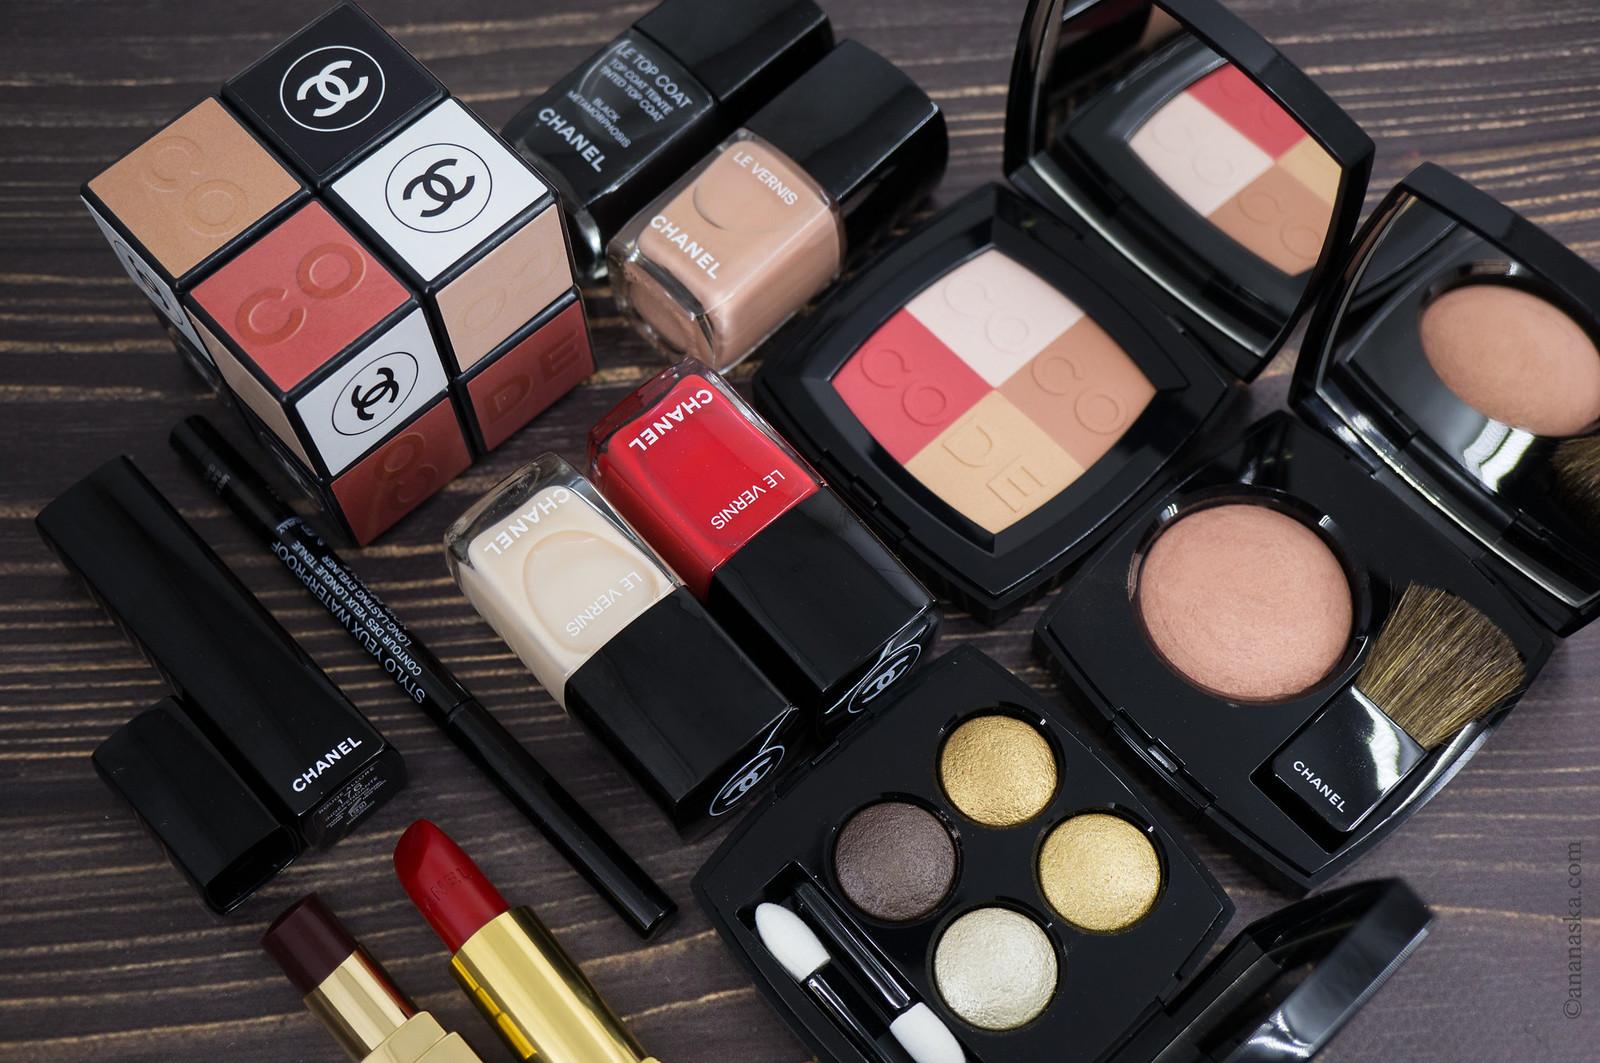 Chanel Coco Codes Spring 2017